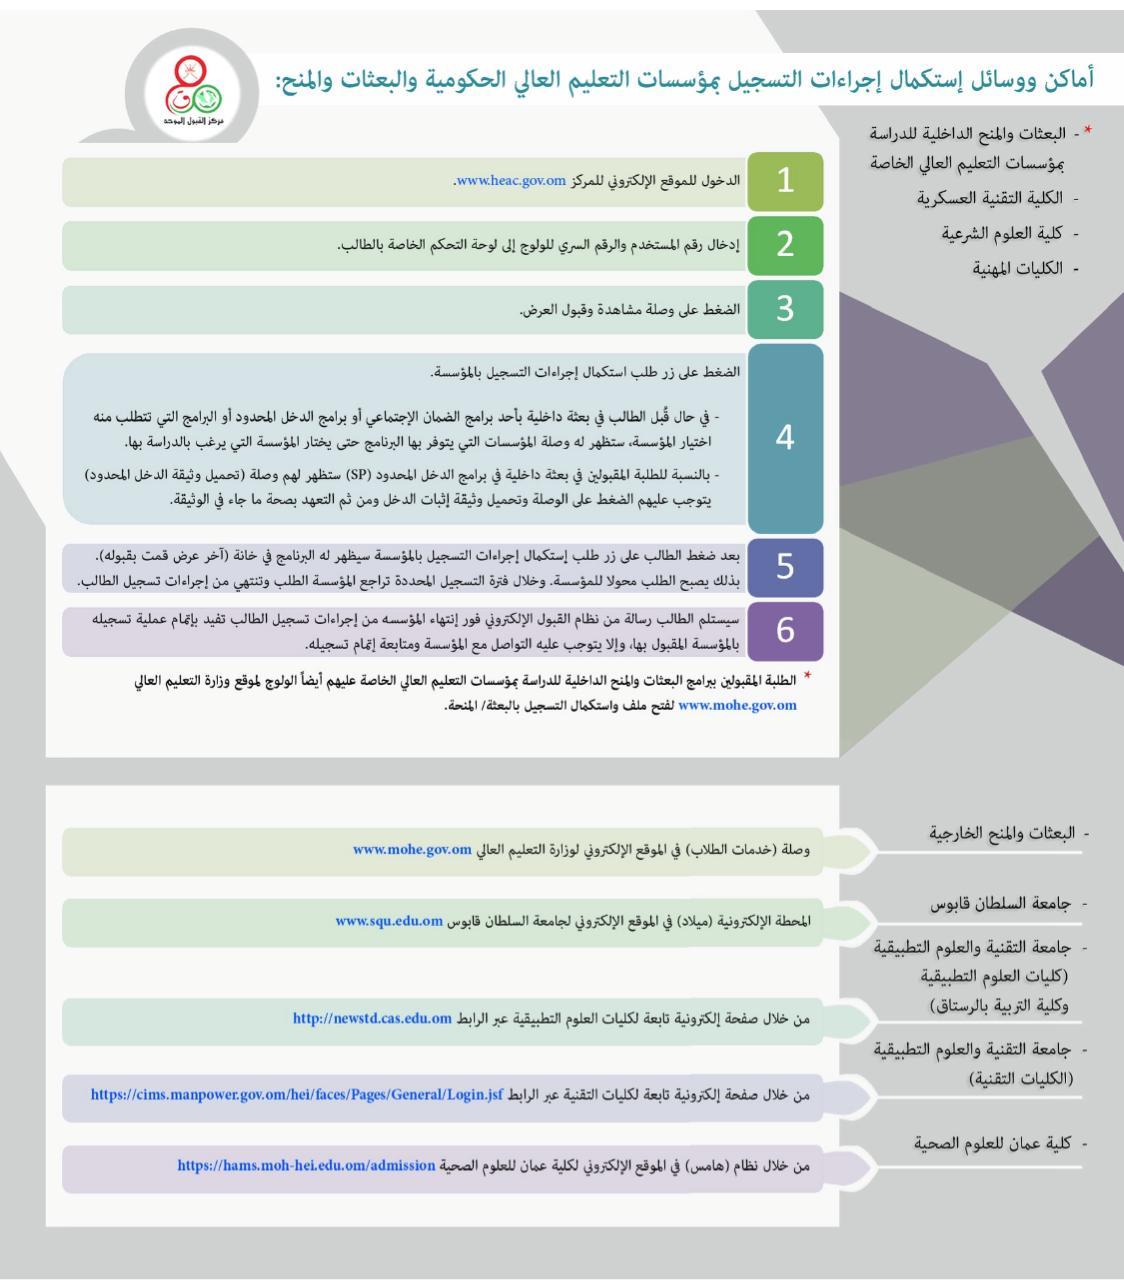 أماكن ووسائل استكمال إجراءات التسجيل بالمؤسسات الحكومية والبعثات والمنح